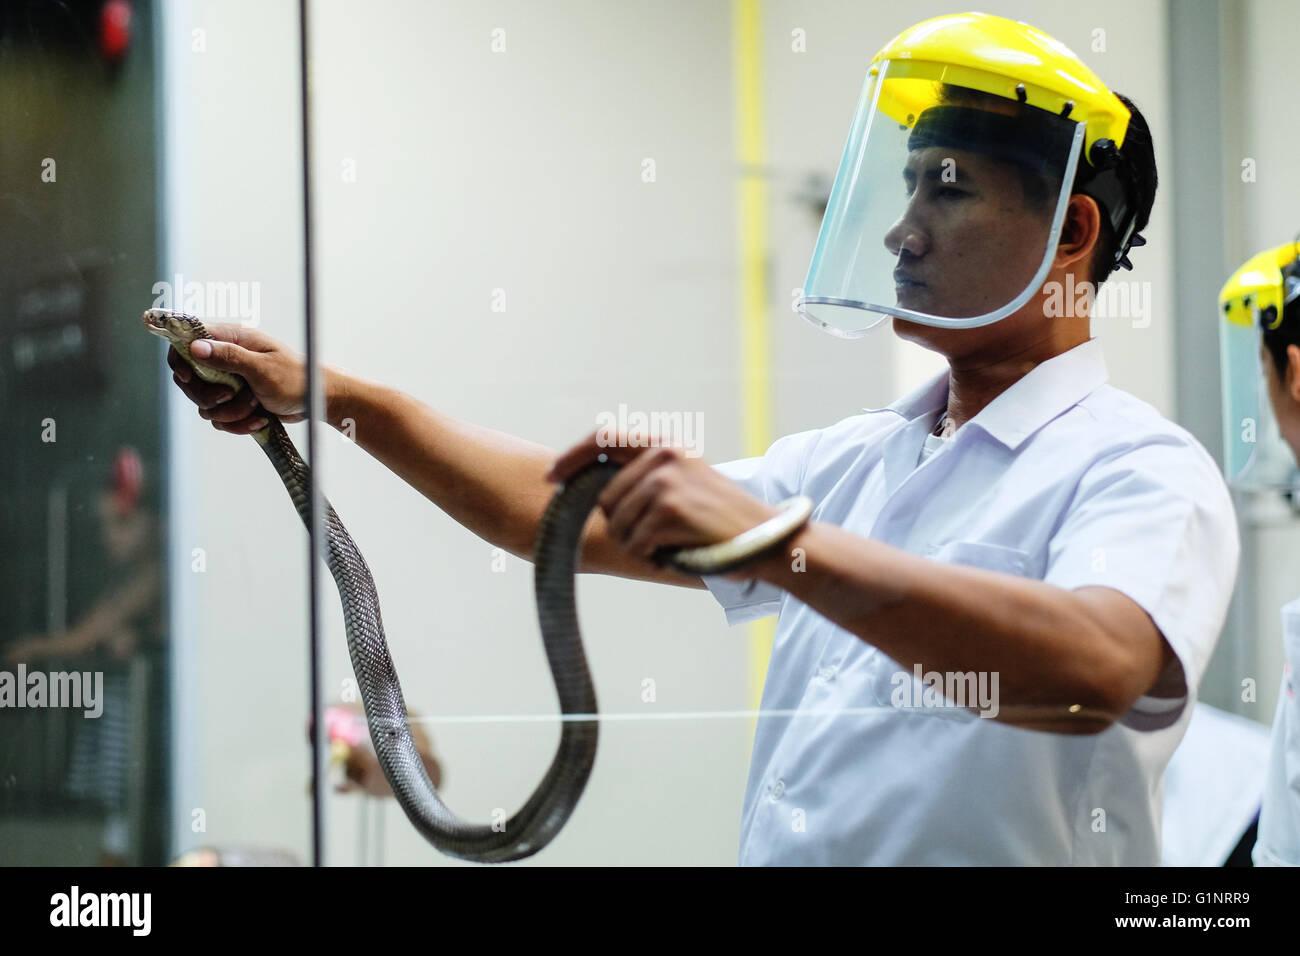 Bangkok, Thaïlande. 17 mai, 2016. Un membre du personnel de la Reine Saovabha Memorial Institute's snake museum montre aux visiteurs comment extraire le venin de serpent à Bangkok, Thaïlande, le 17 mai 2016. Fondée en 1922, la Reine Saovabha Memorial Institute est un organisme de recherche majeur en Thaïlande qui se spécialise dans la rage et les toxines animales. À l'institute's snake museum, les visiteurs pourront voir des dizaines de non-venimeux serpent venimeux et races ainsi qu'apprendre les traitements d'urgence pour les morsures de serpent. © Li Mangmang/Xinhua/Alamy Live News Banque D'Images